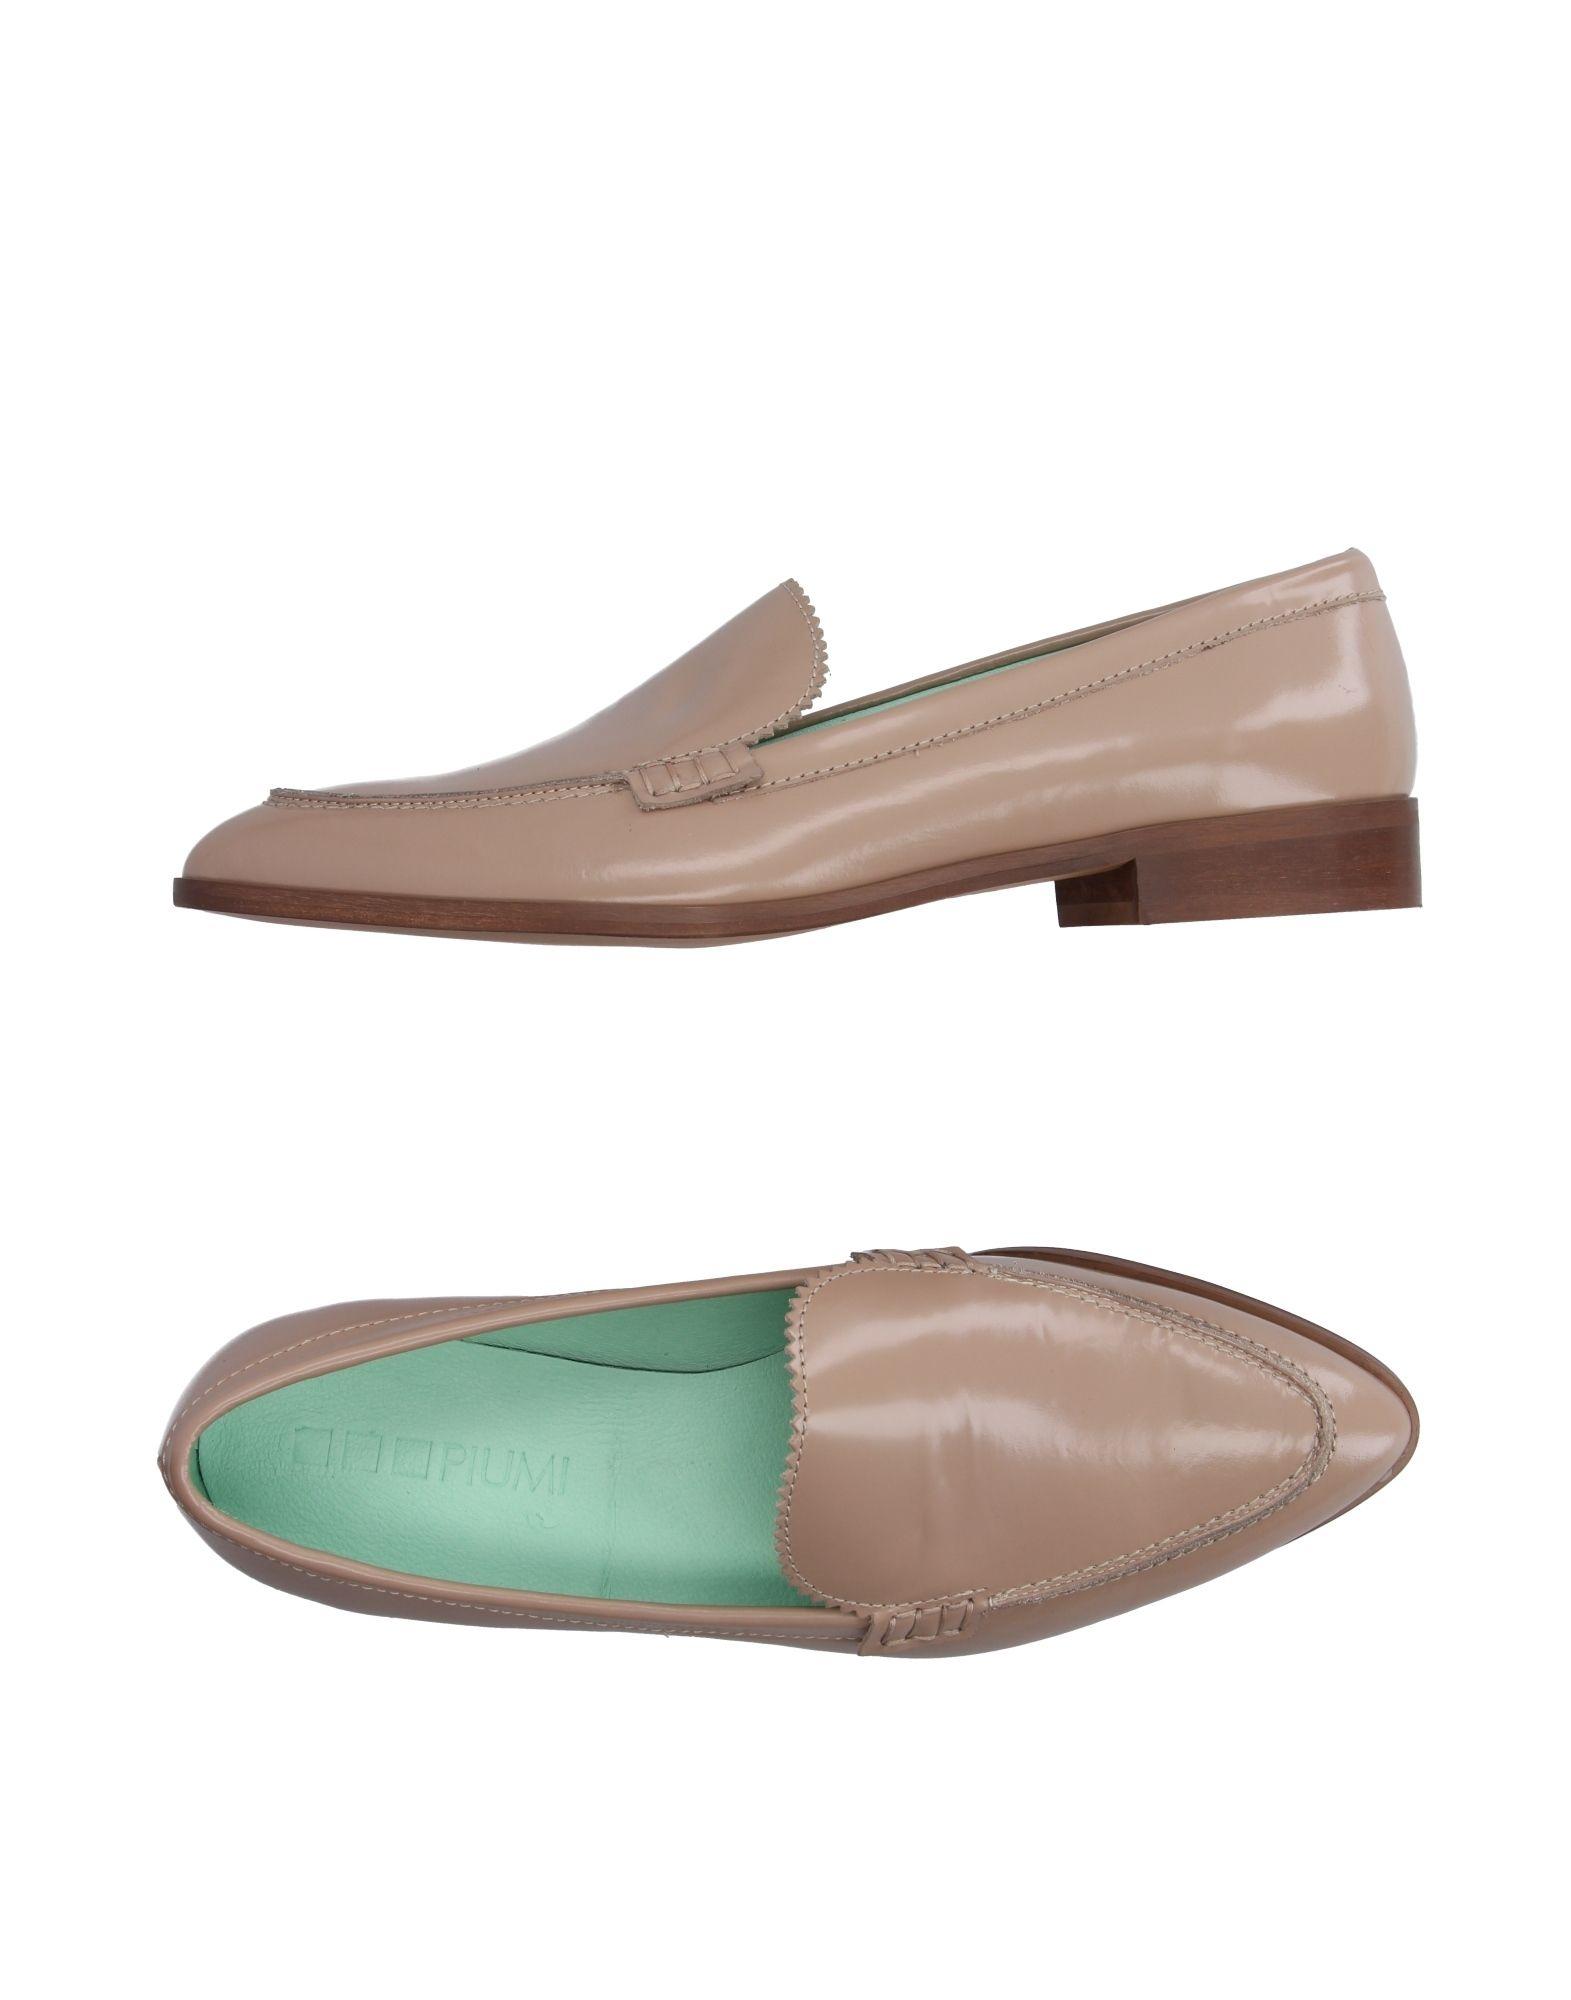 piumi female piumi loafers